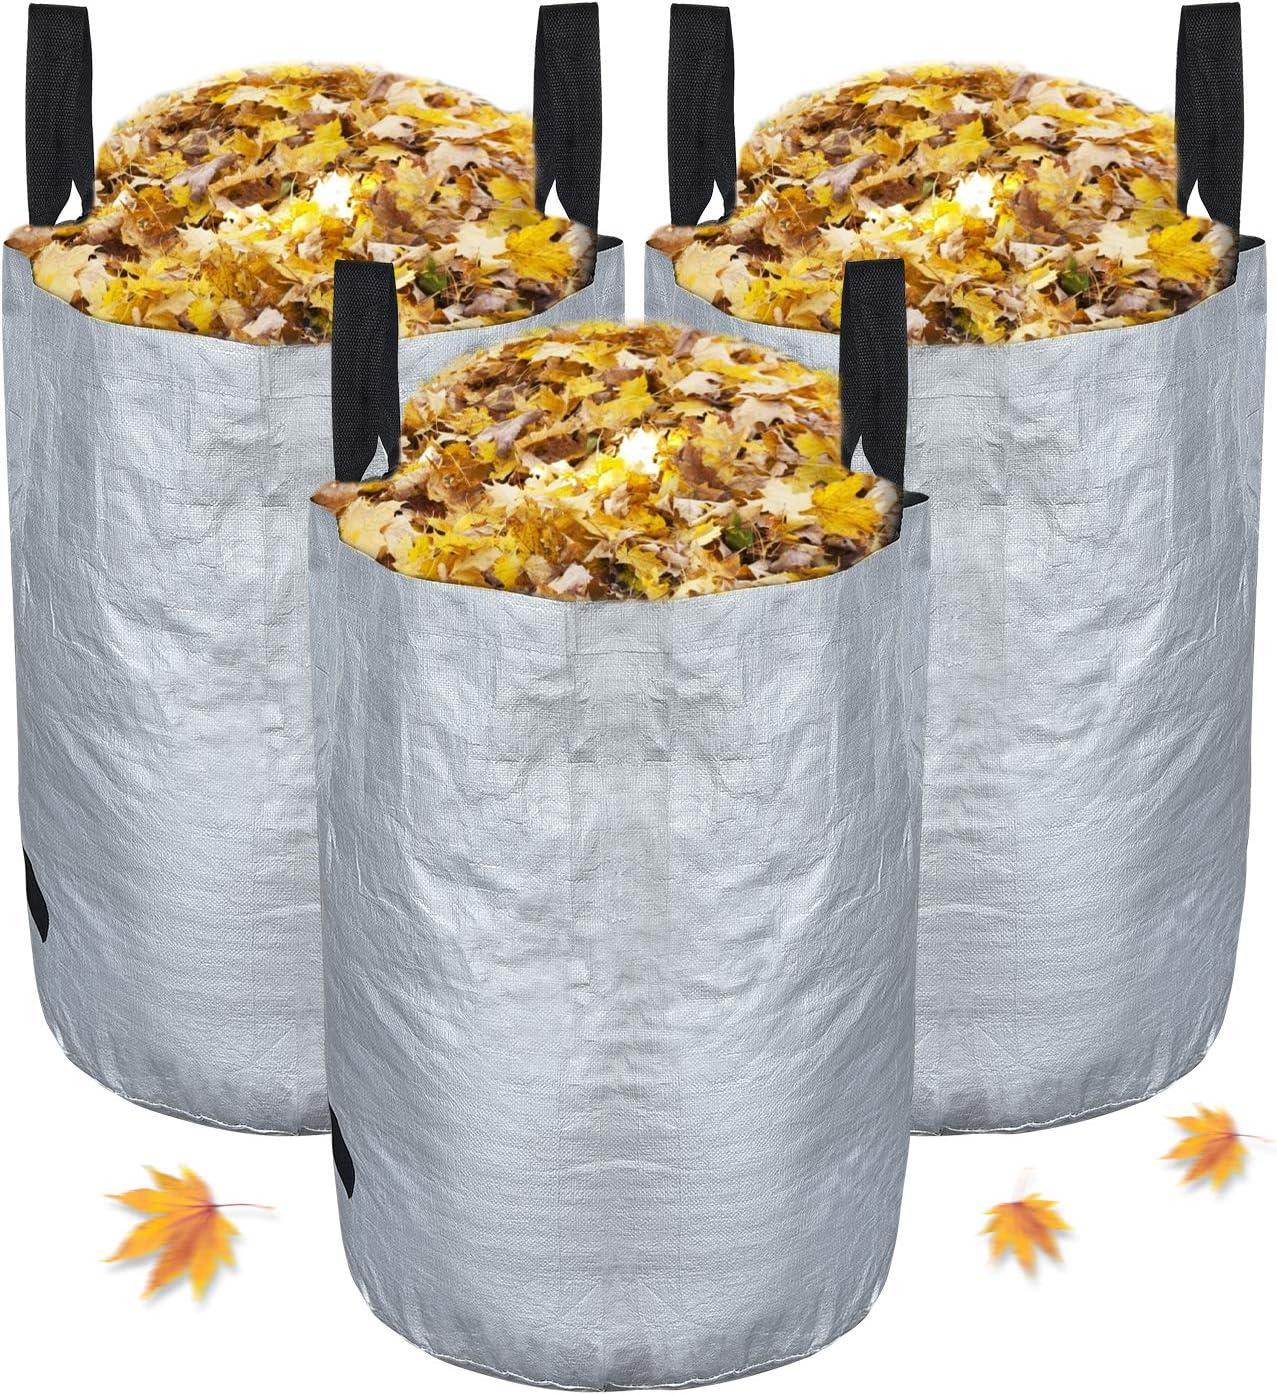 Pack de 3 bolsas de basura para jardín (63 cm, 45 cm), Chalpr impermeables con asas, bolsas de hierba de hojas a prueba de desgarros, 1 par de guantes de jardinería (plata)